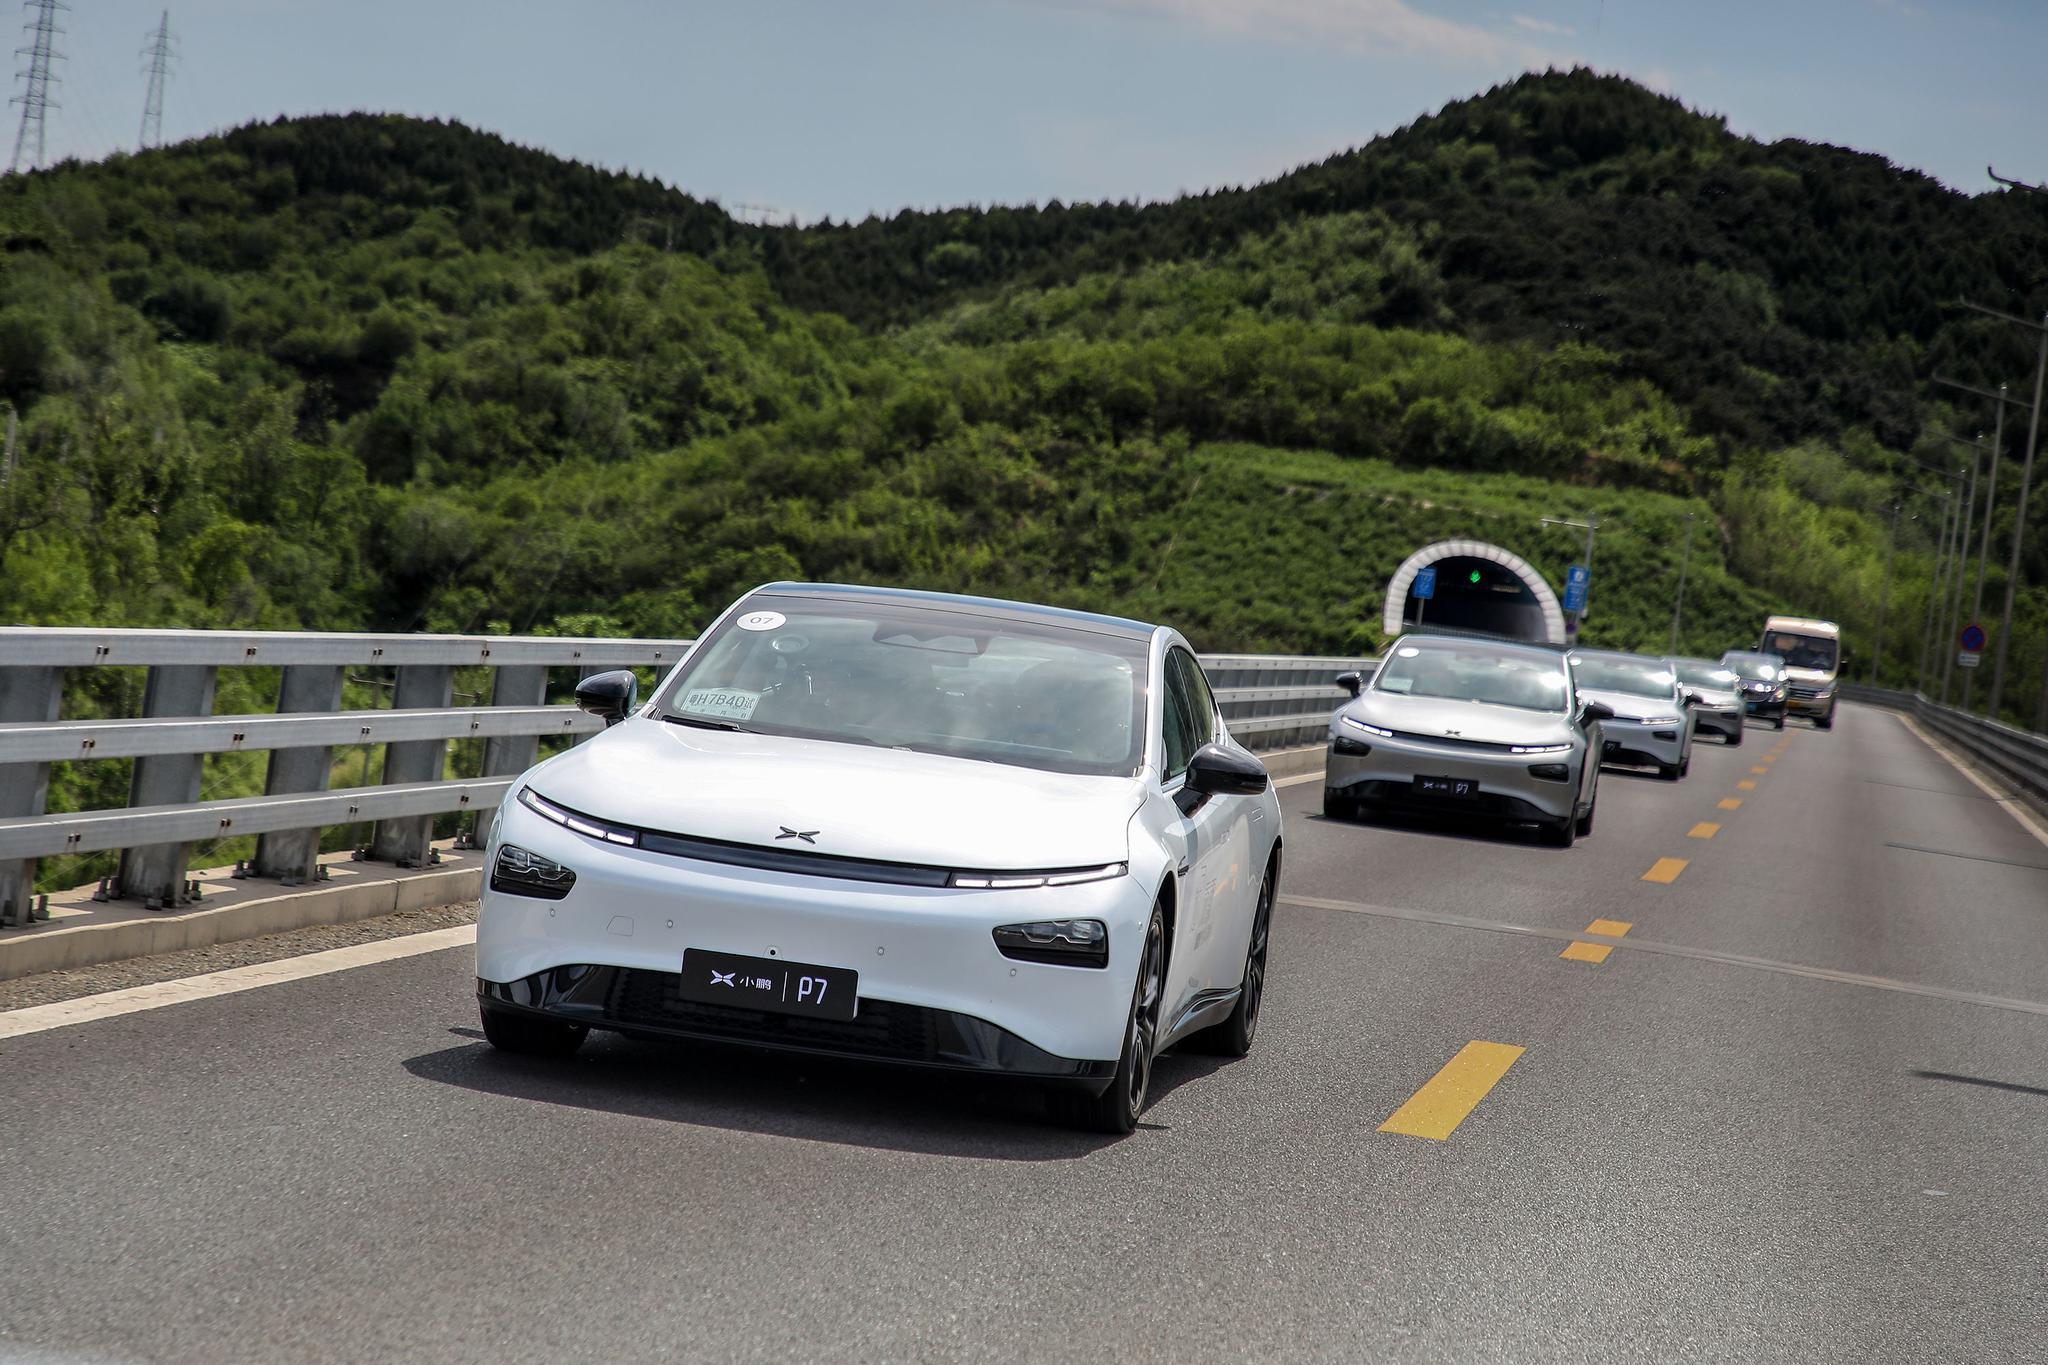 合乐官网|小鹏P合乐官网7四驱高性能车型